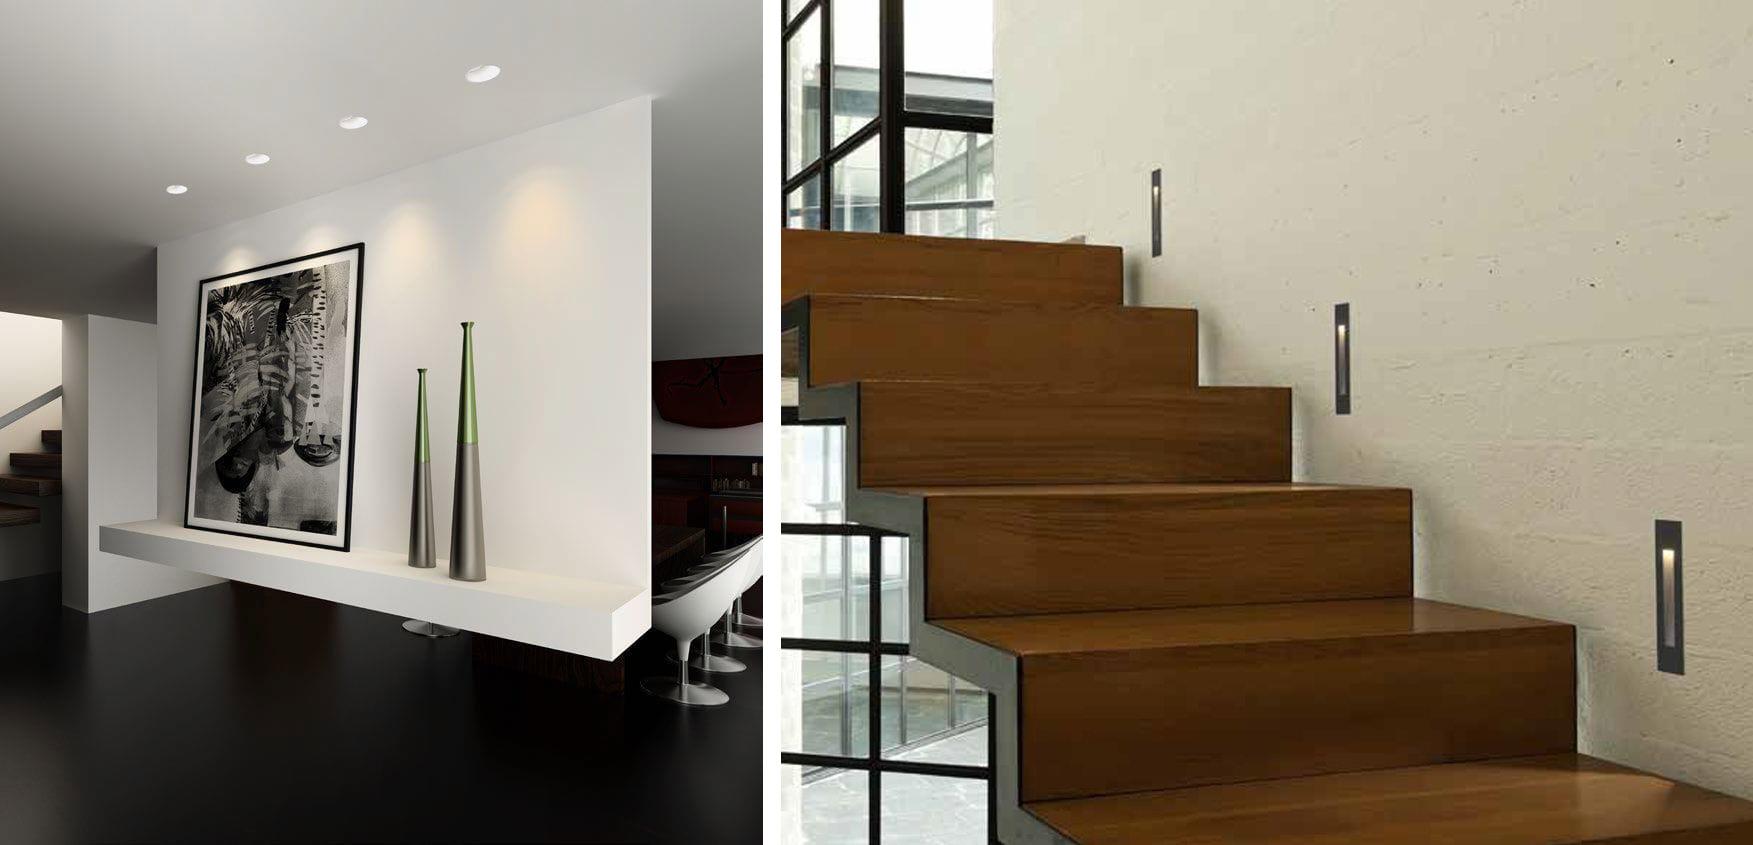 Estudio de interiorismo y arquitectura Valencia - Diseña tu luz